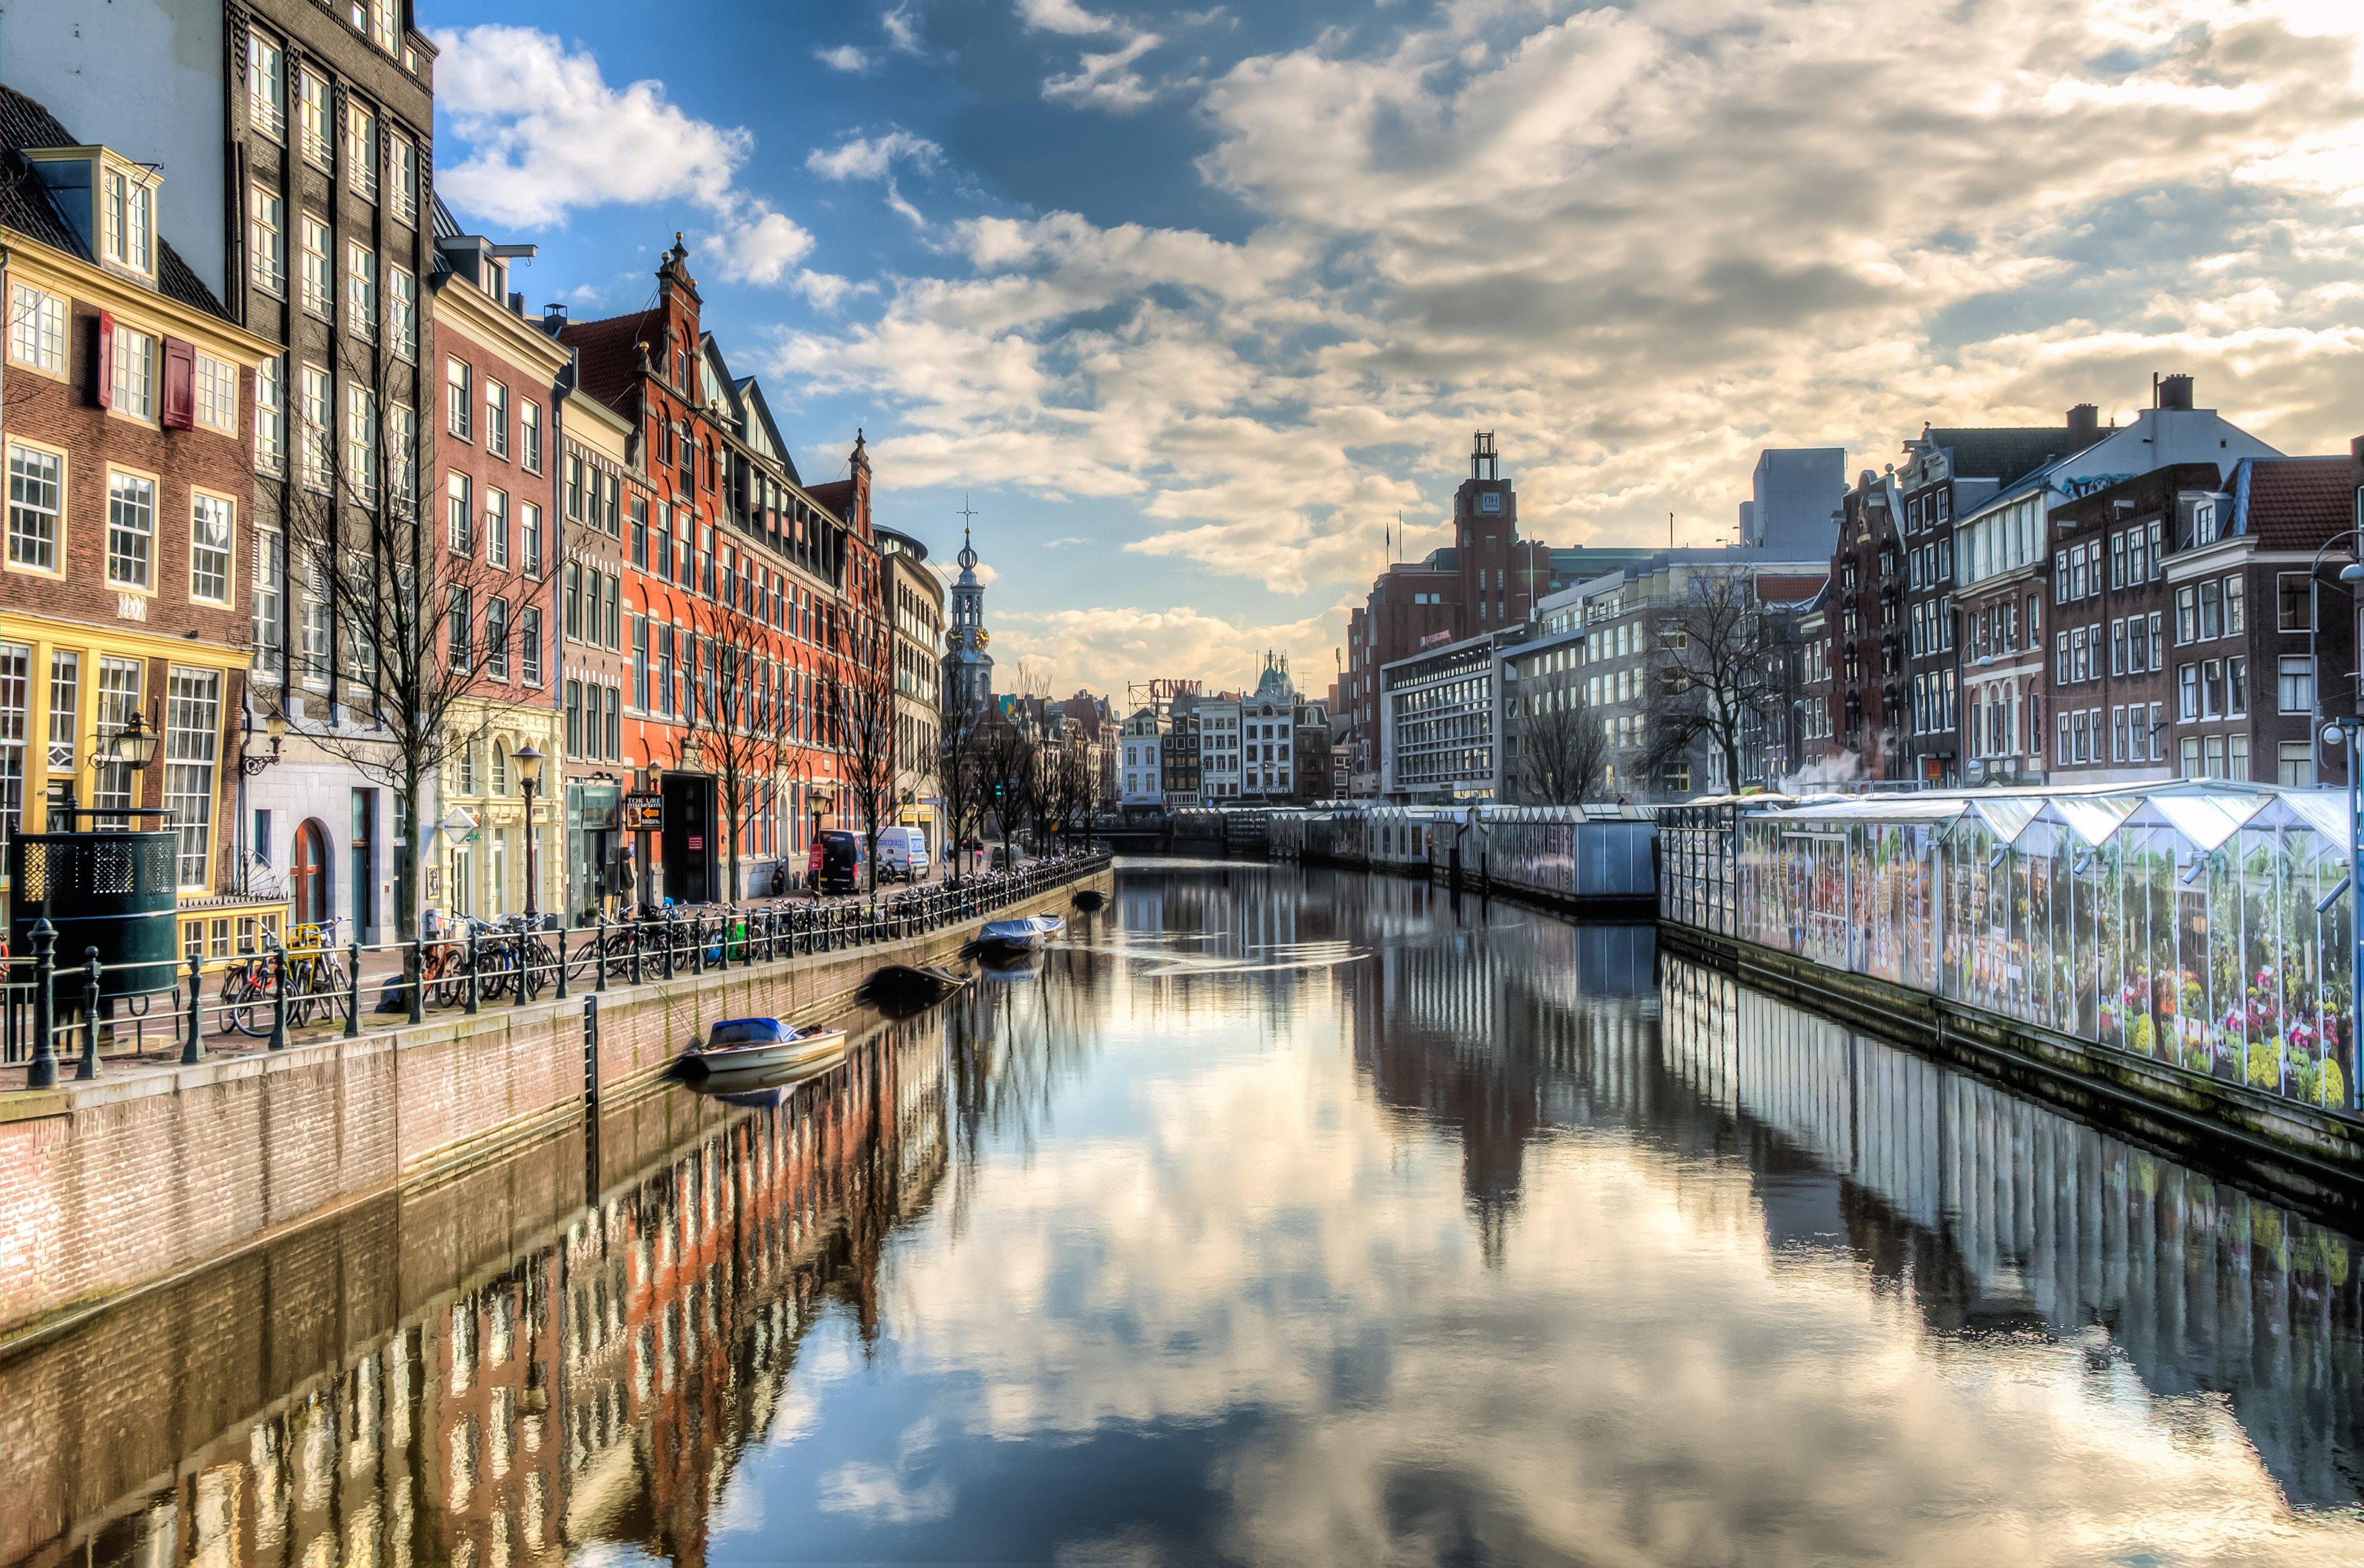 زيارة إلى مدينة أمستردام اكثر الوجهات السياحية الشعبية 1868617128